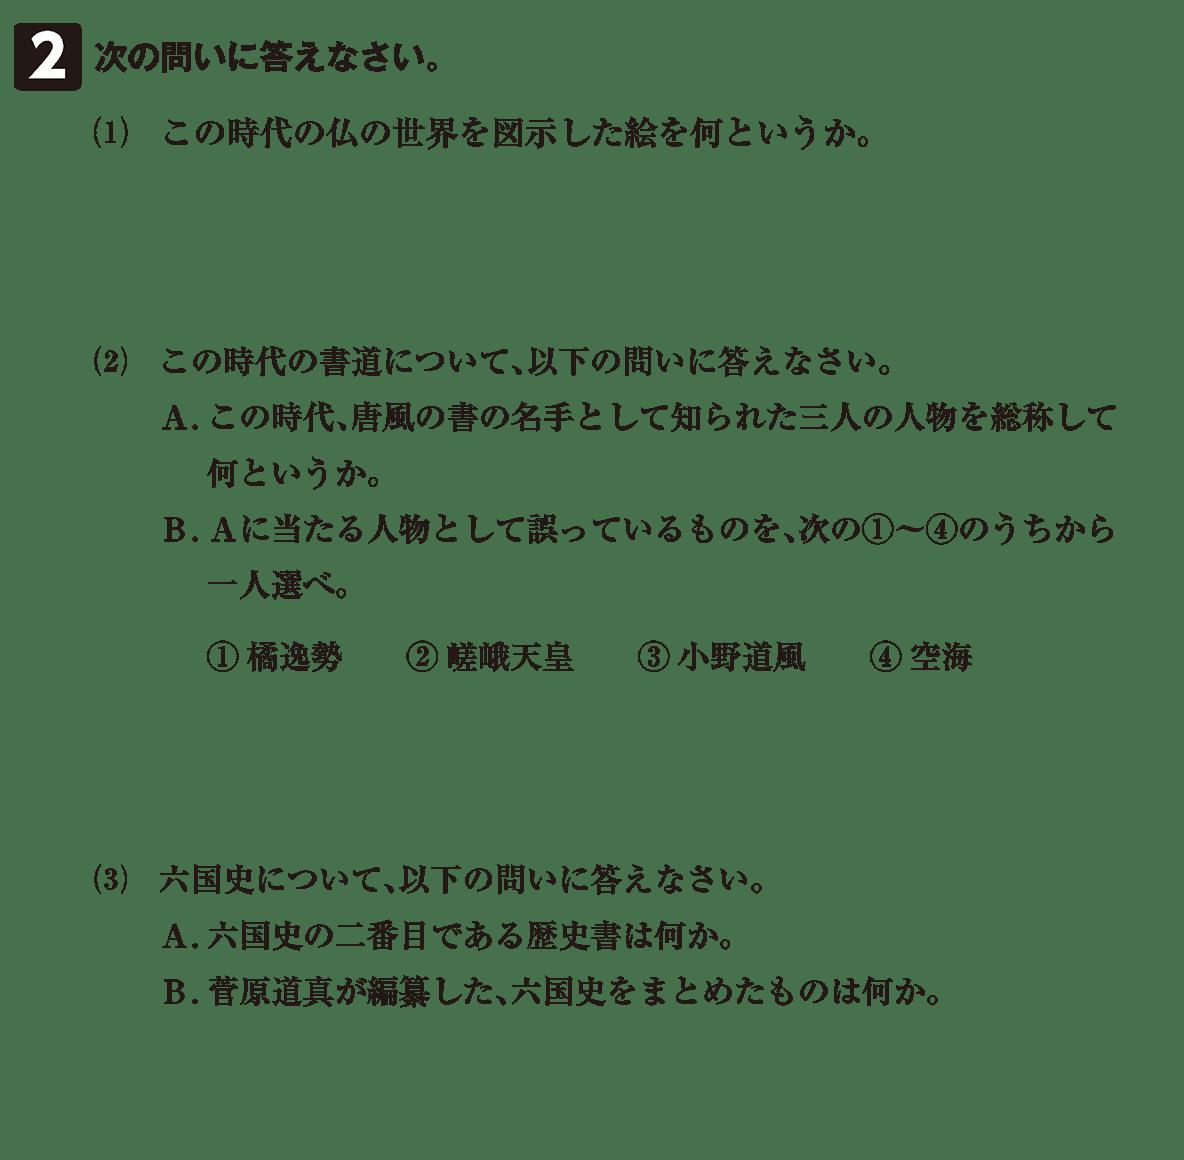 原始・古代文化18 問題2 問題